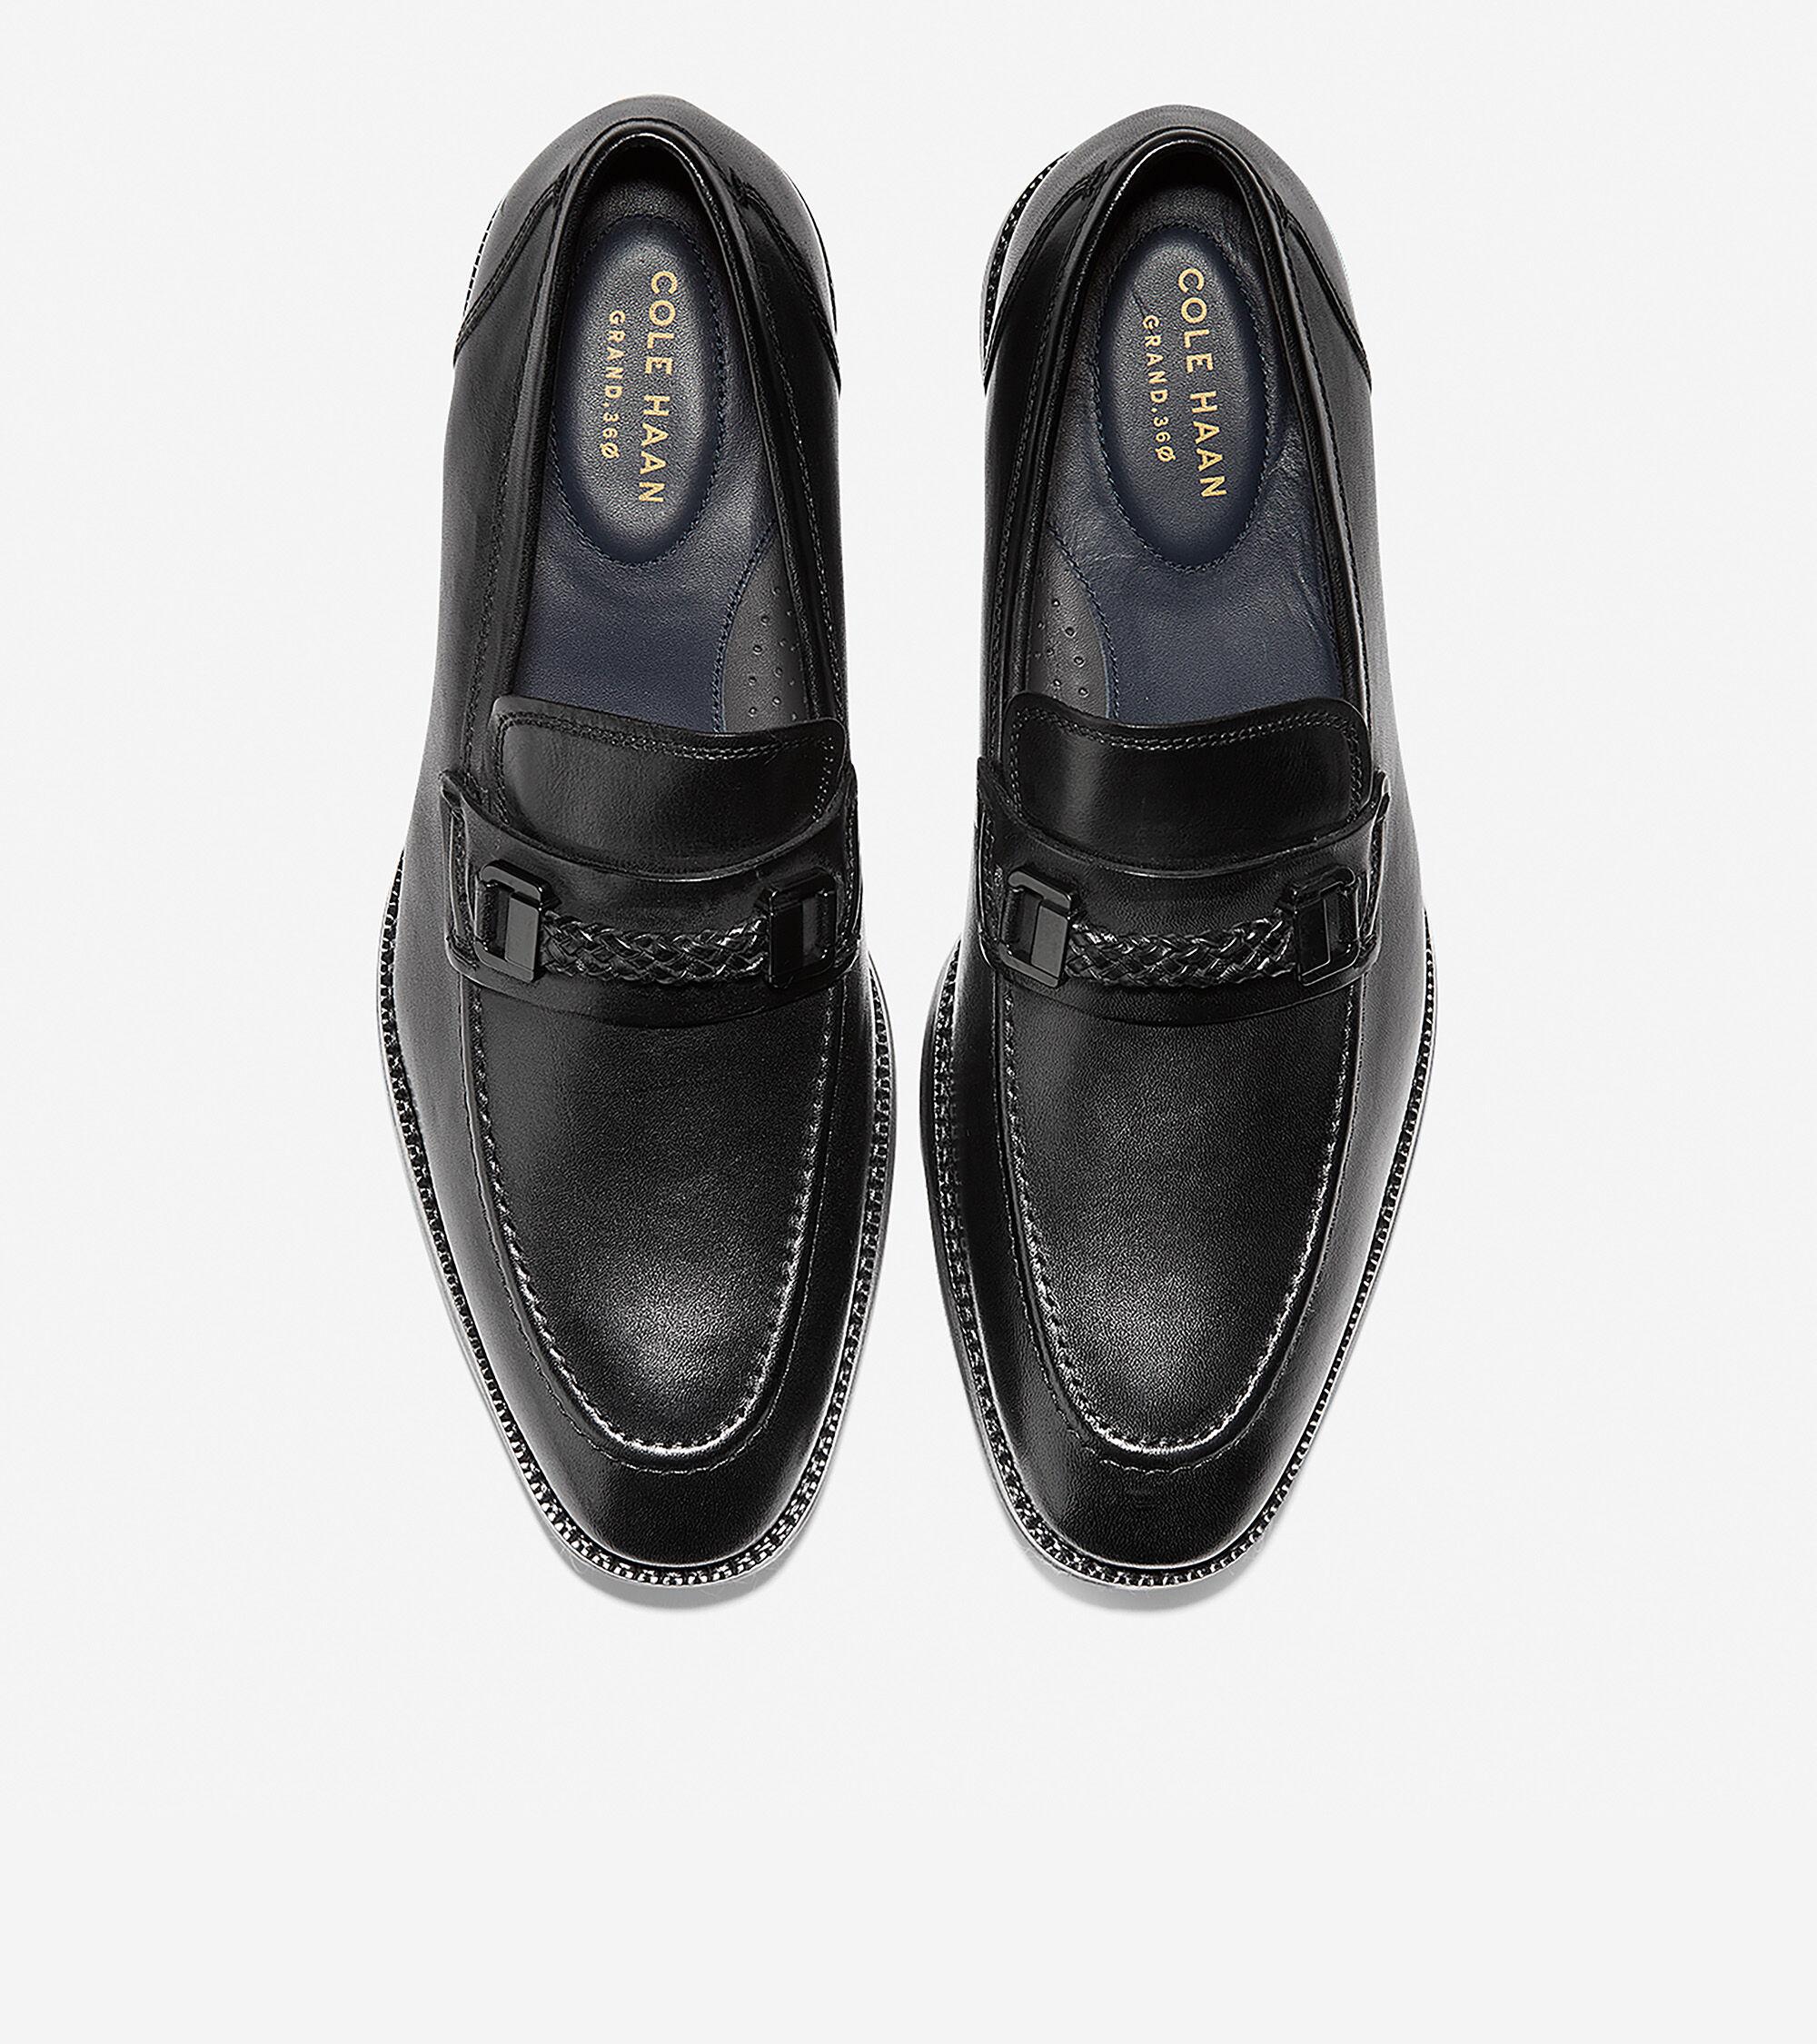 a0a9a30da9a Men s Warner Grand Bit Loafers in Black